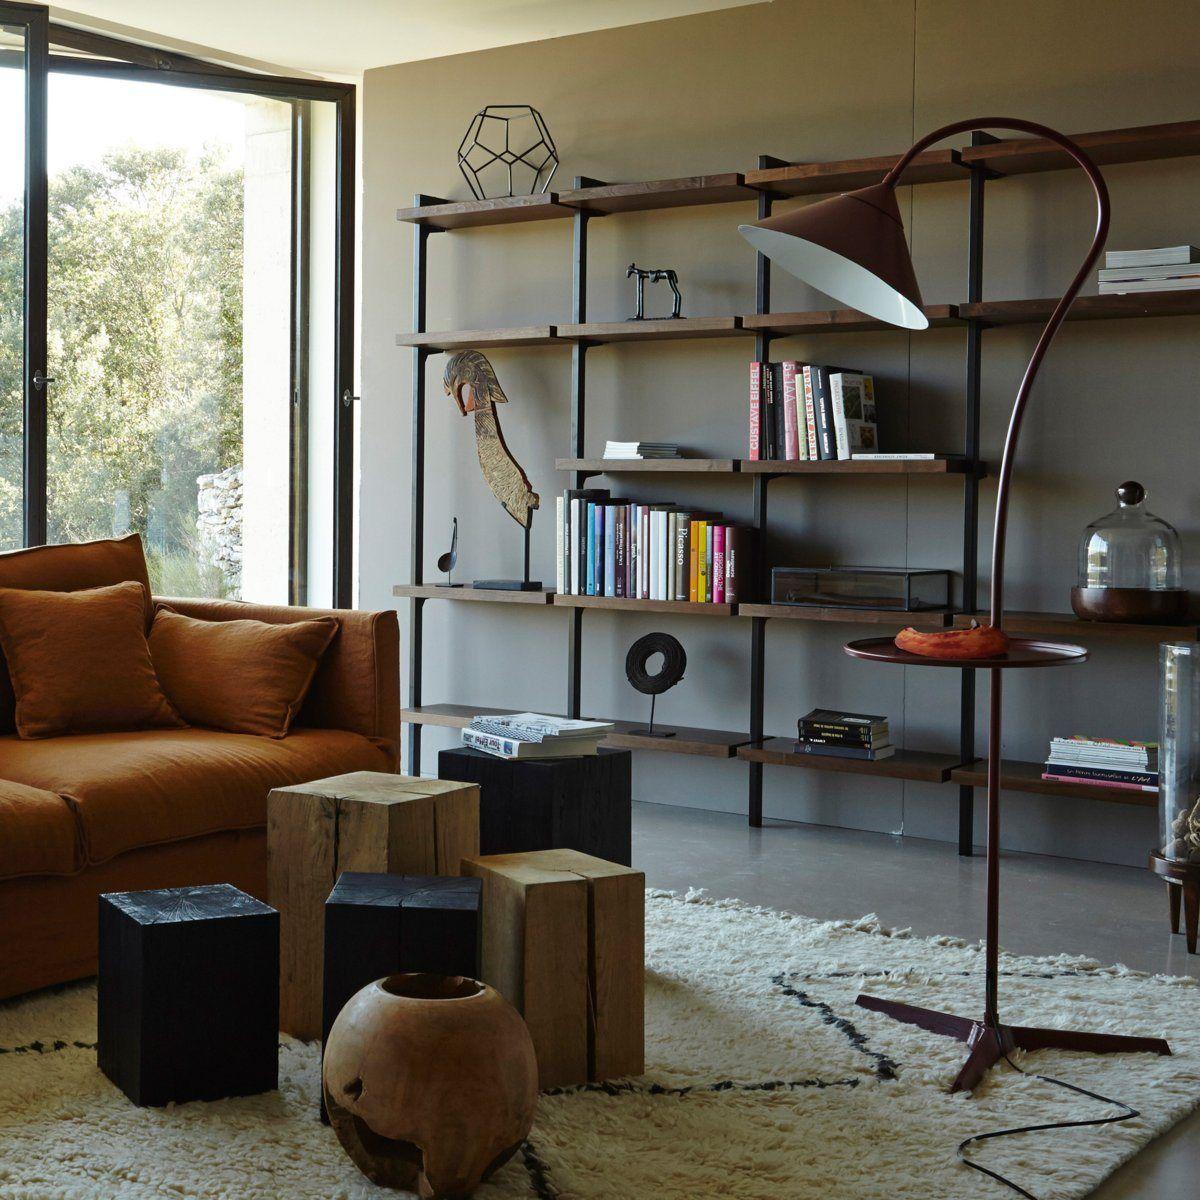 Montant Taktik Pour Systeme De Rangement Decoration Maison Meuble Maison Systeme De Rangement